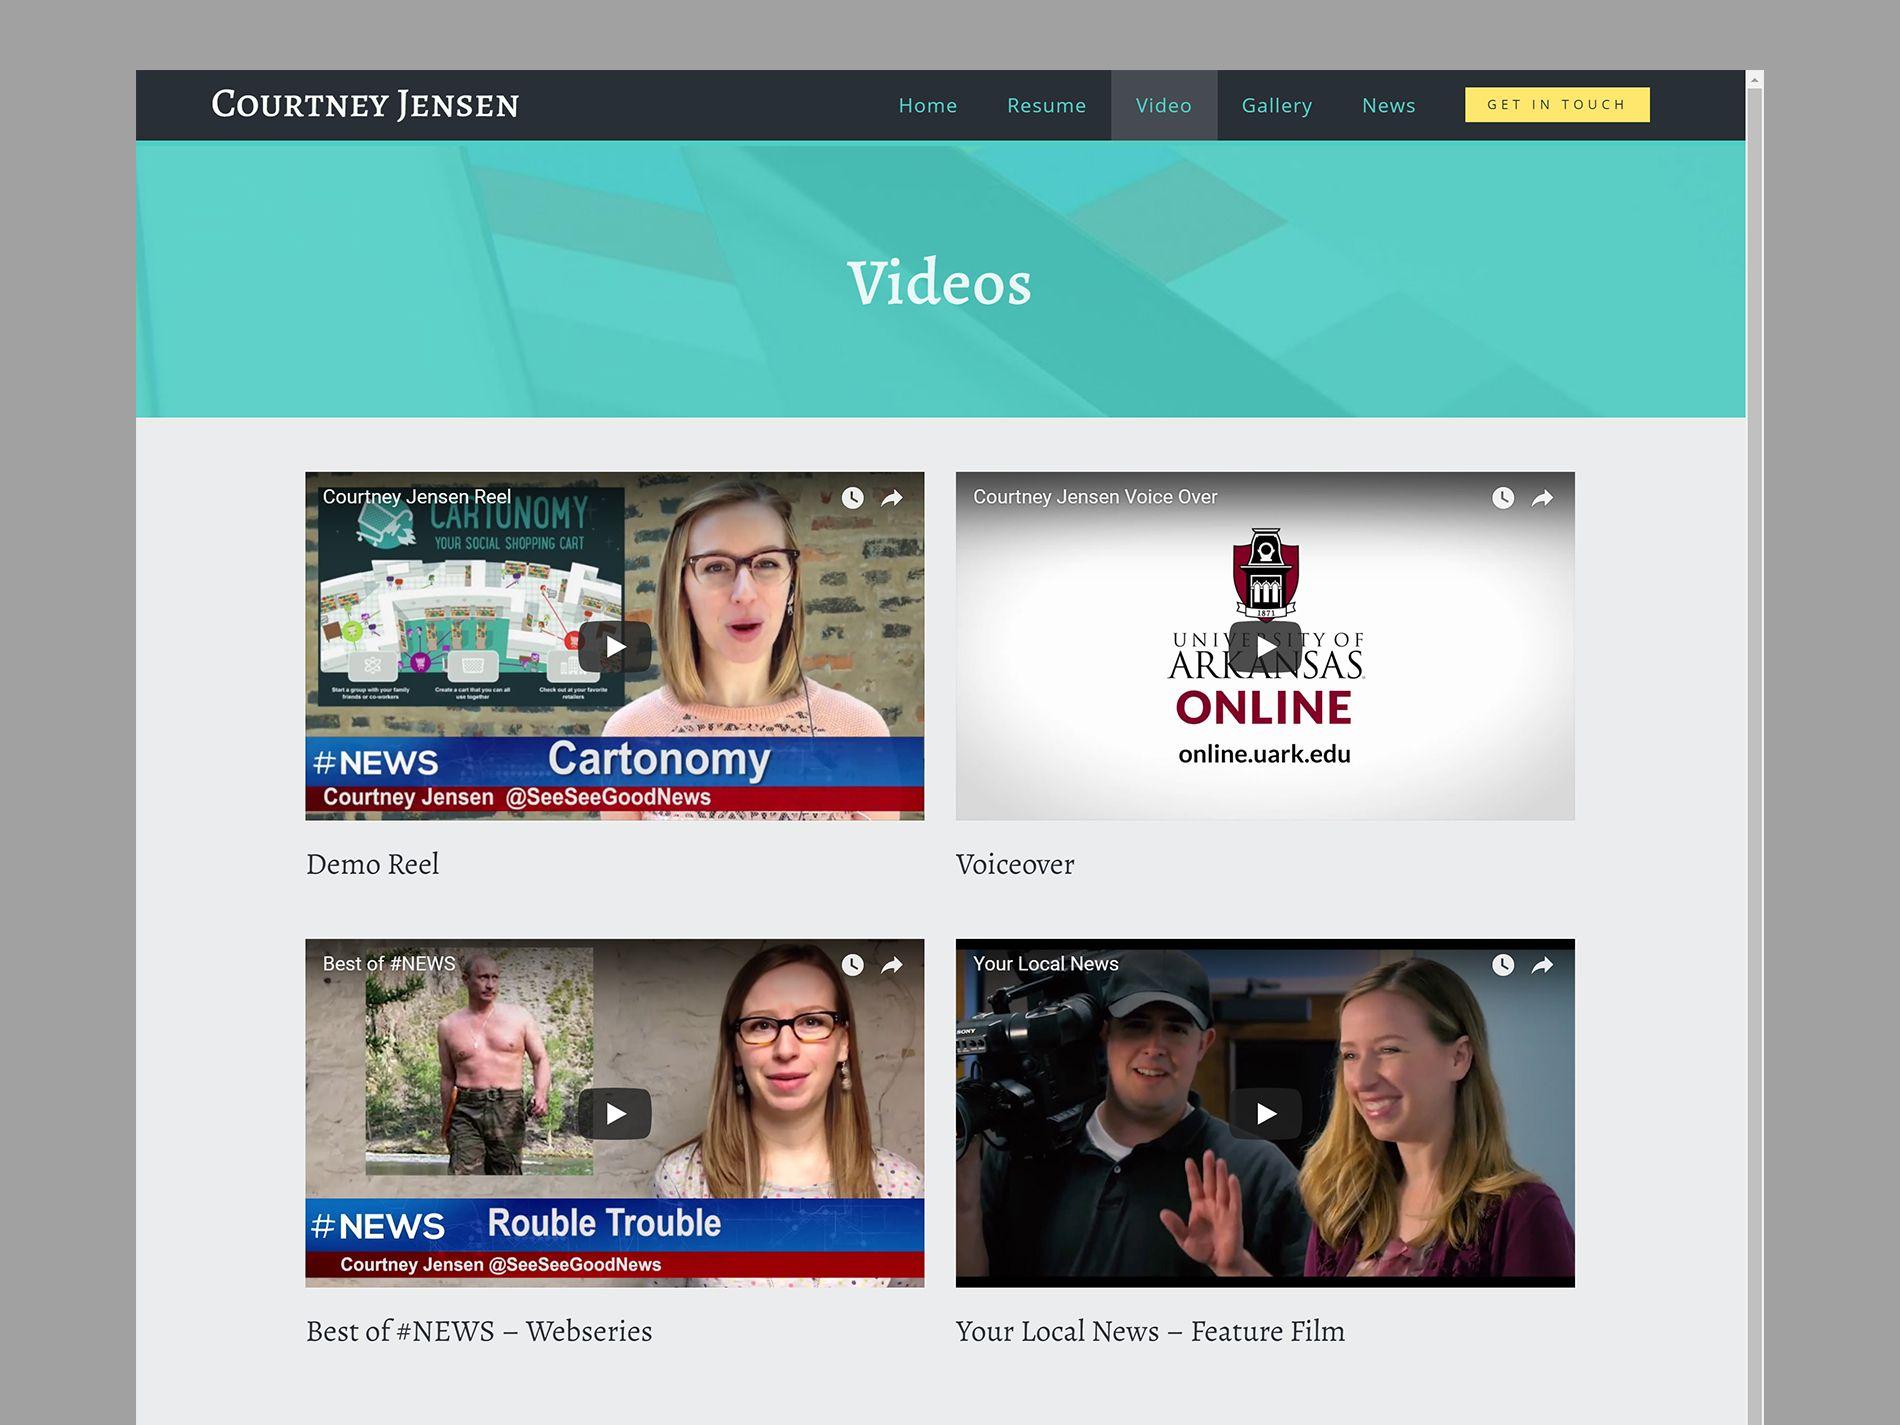 Courtney Jensen Website Videos